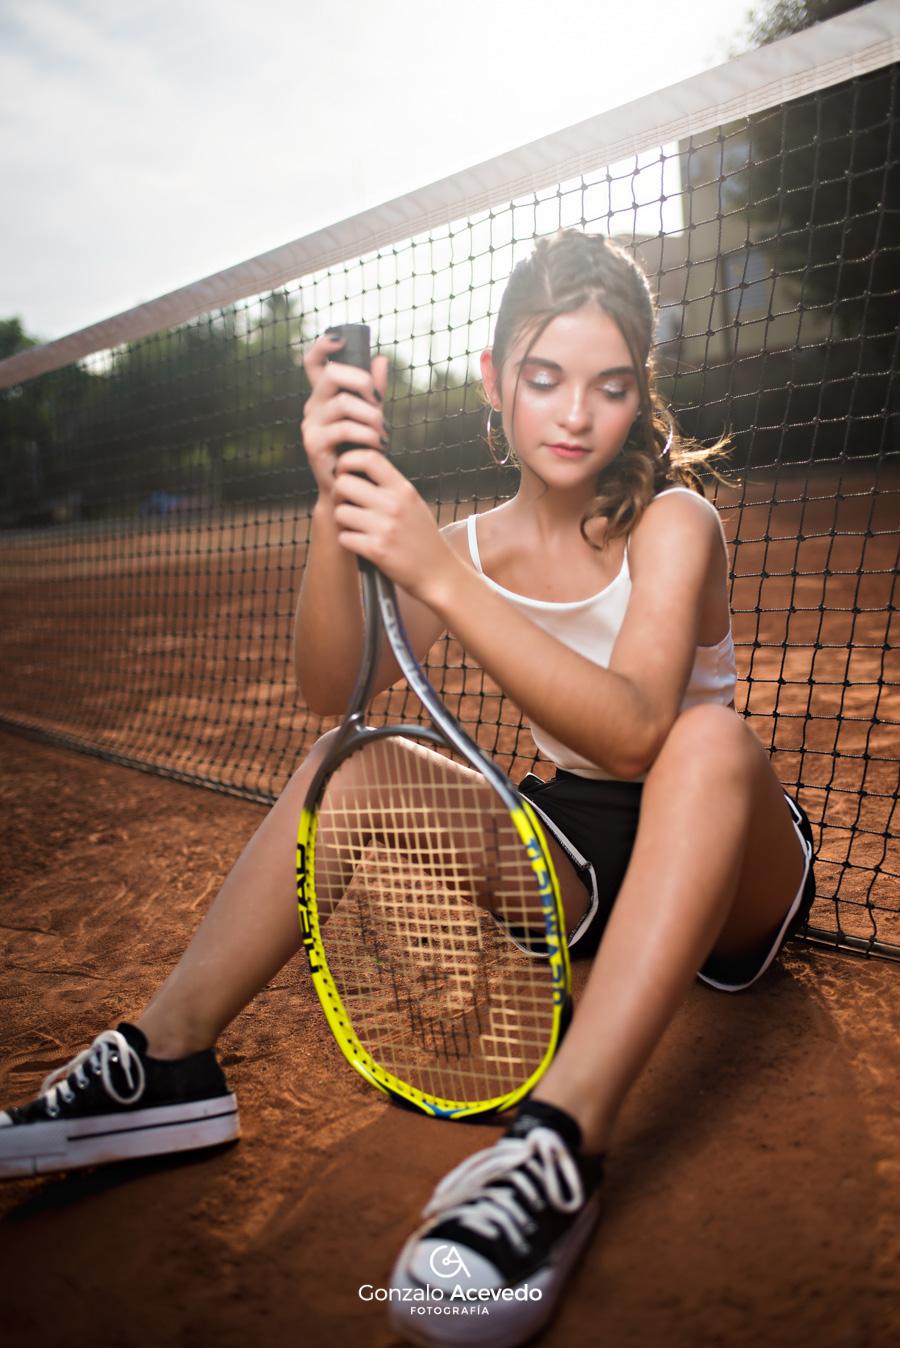 Book urbano en cancha de tenis Gonzalo Acevedo